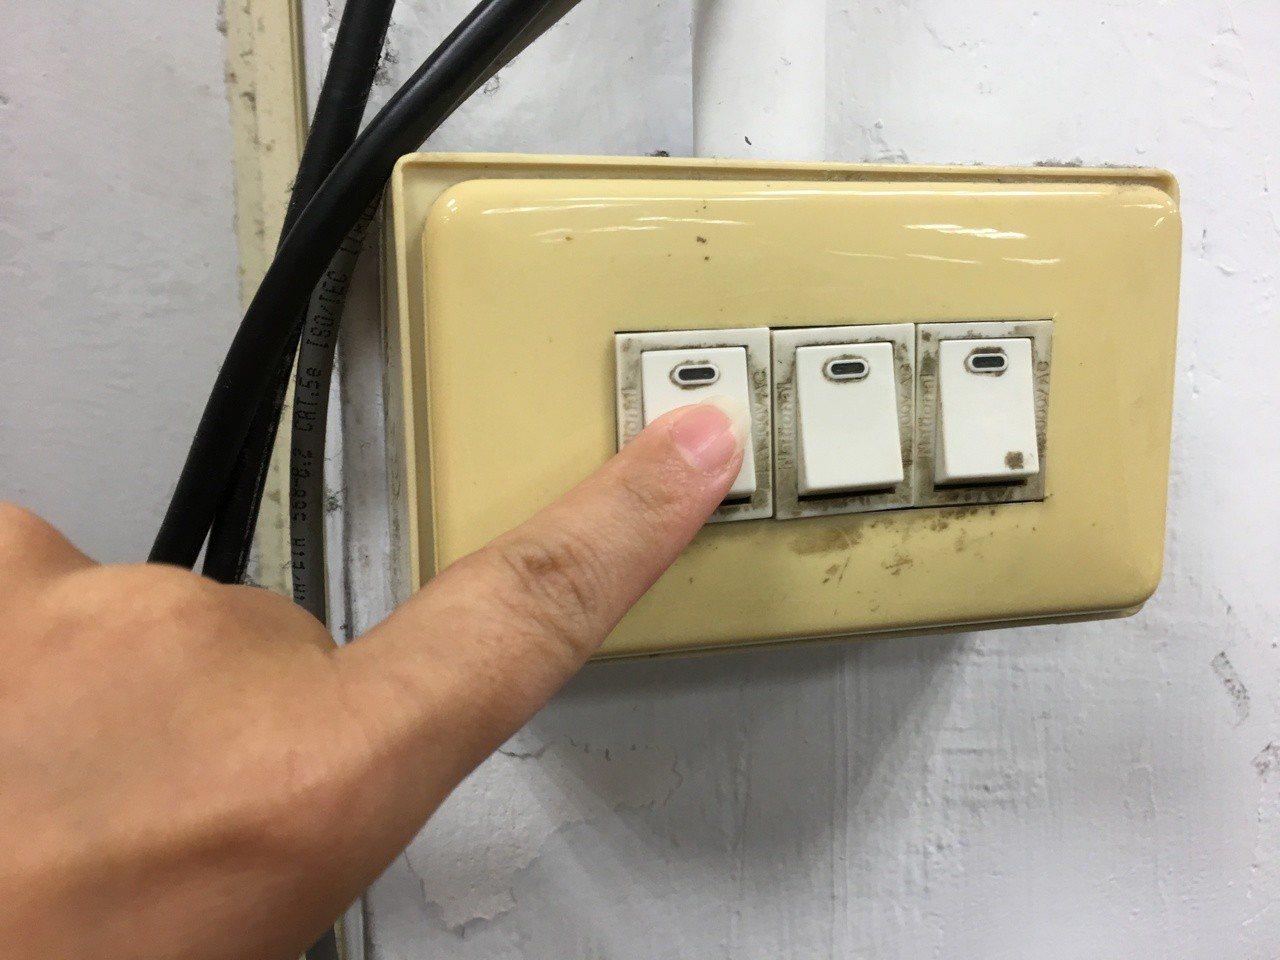 雲林縣政府為鼓勵民眾自願性居家節電,提供總額100萬高額獎金,將於每期抽出250...